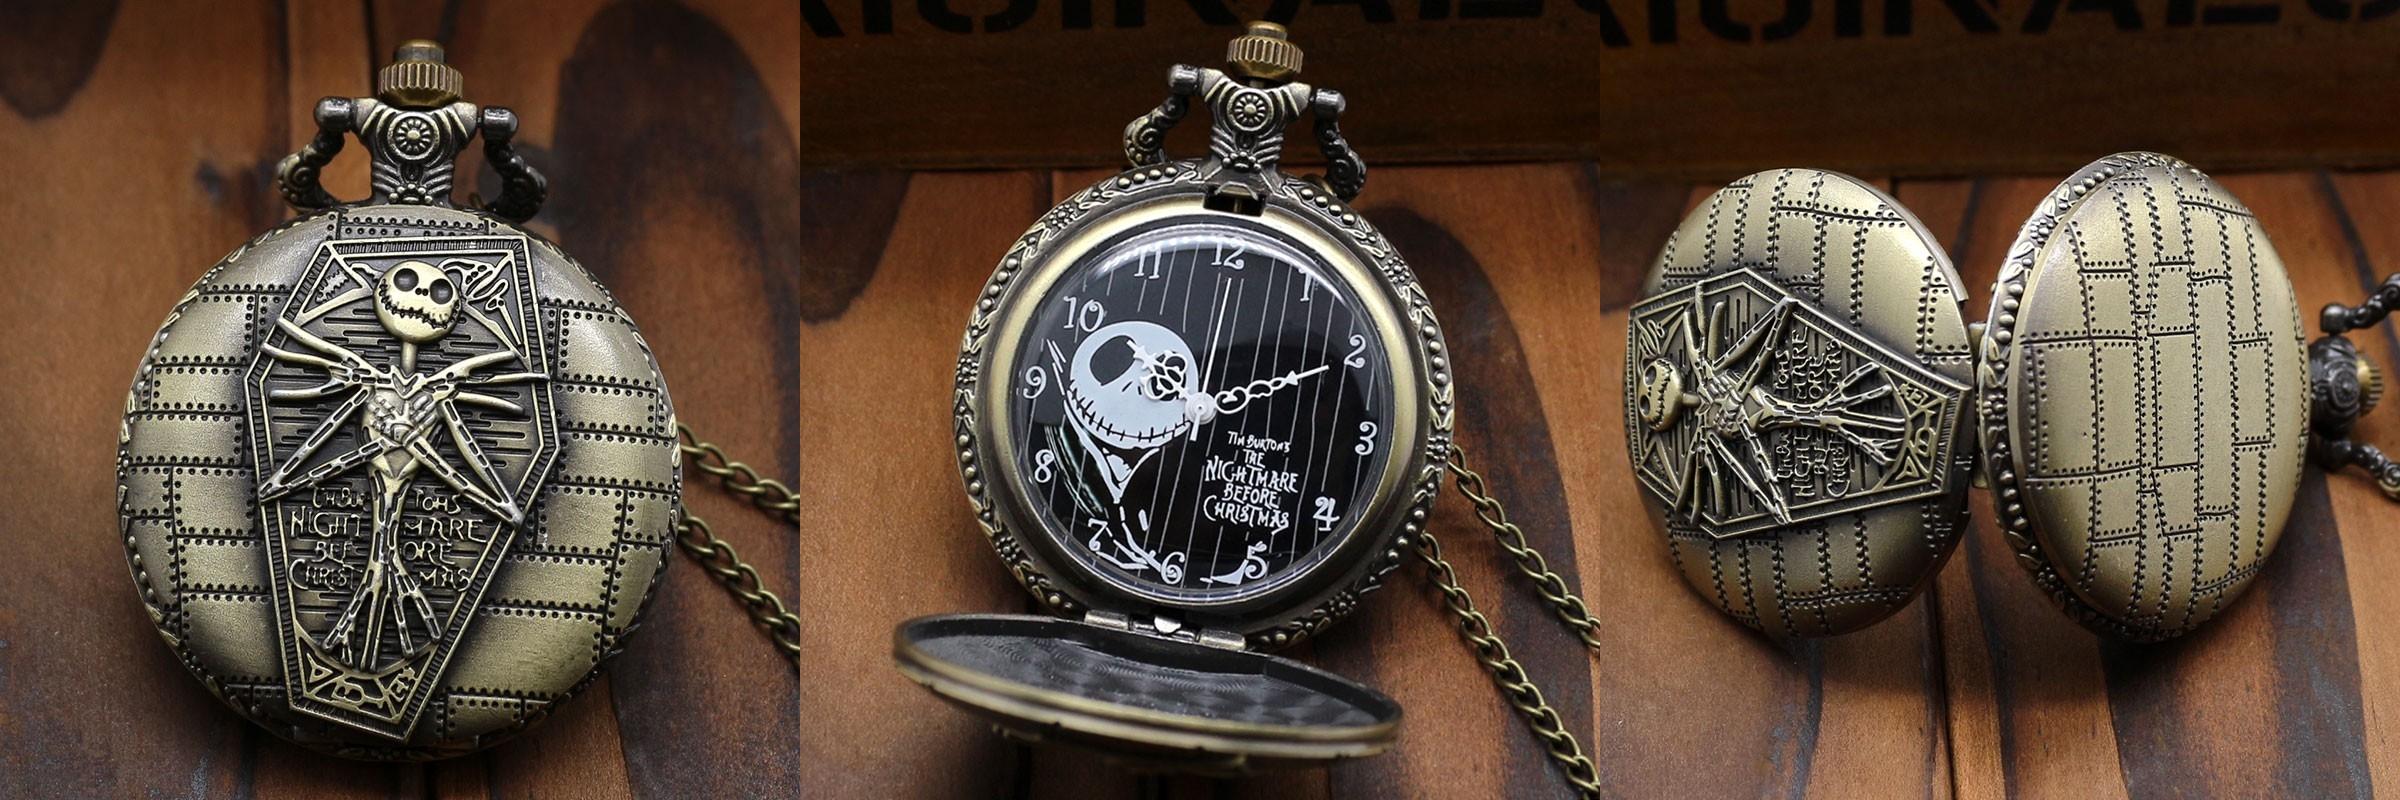 Reloj de Bolsillo Pesadilla antes de Navidad